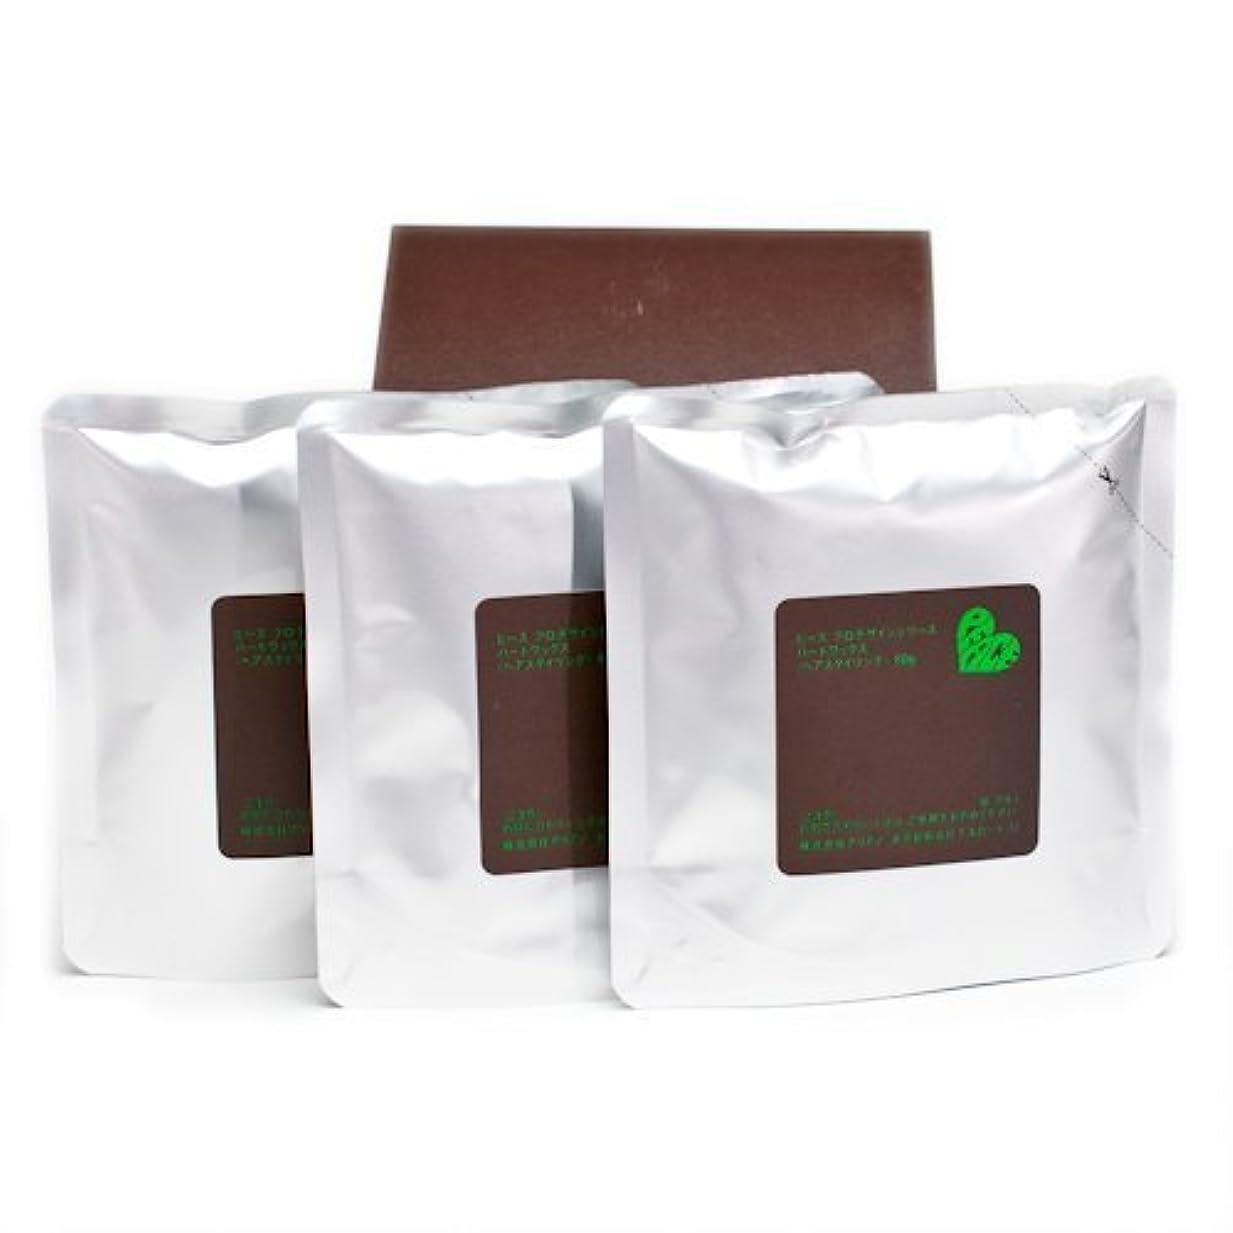 住人過半数カップルアリミノ ピース ハードワックス (チョコ) 80g(業務?詰替用)×3個入り